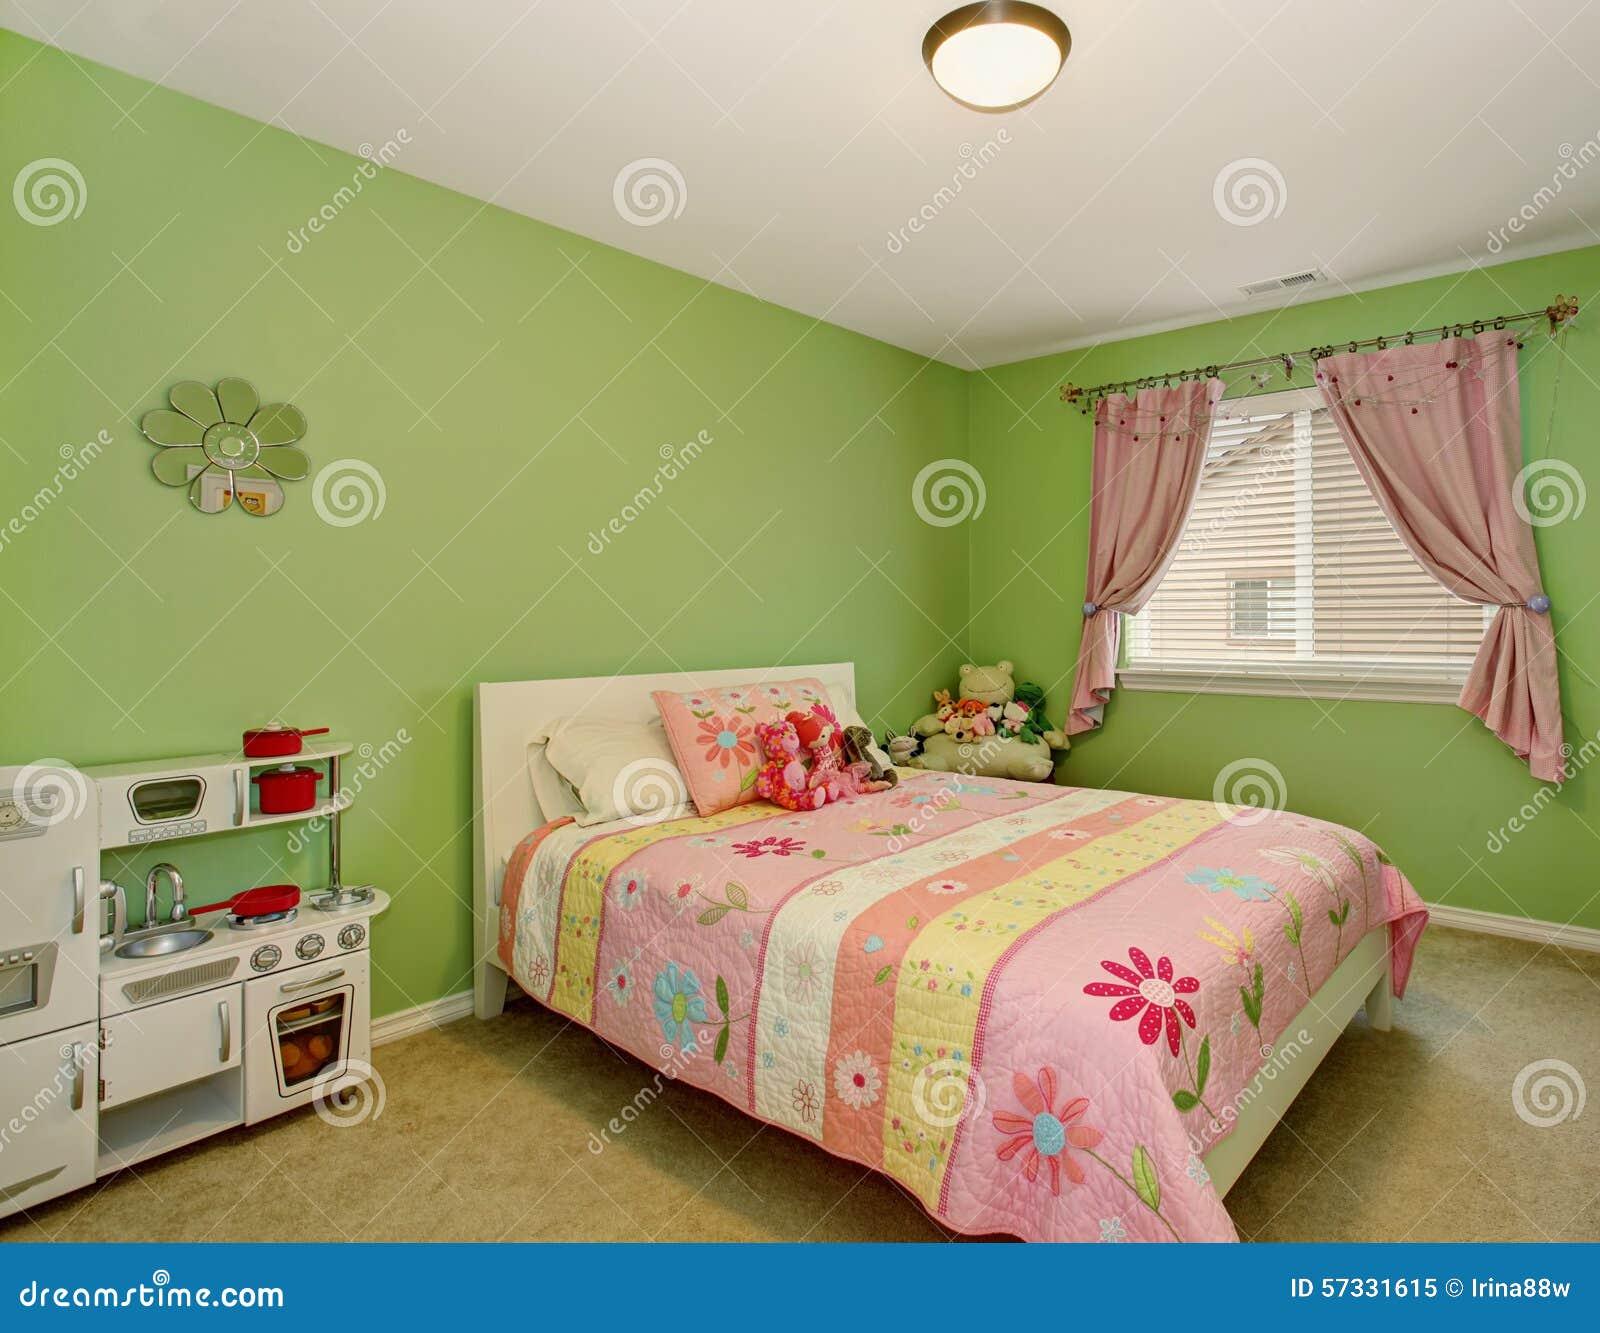 Camere da letto ragazze camere da letto ragazze tumblr - Donne in camera da letto ...